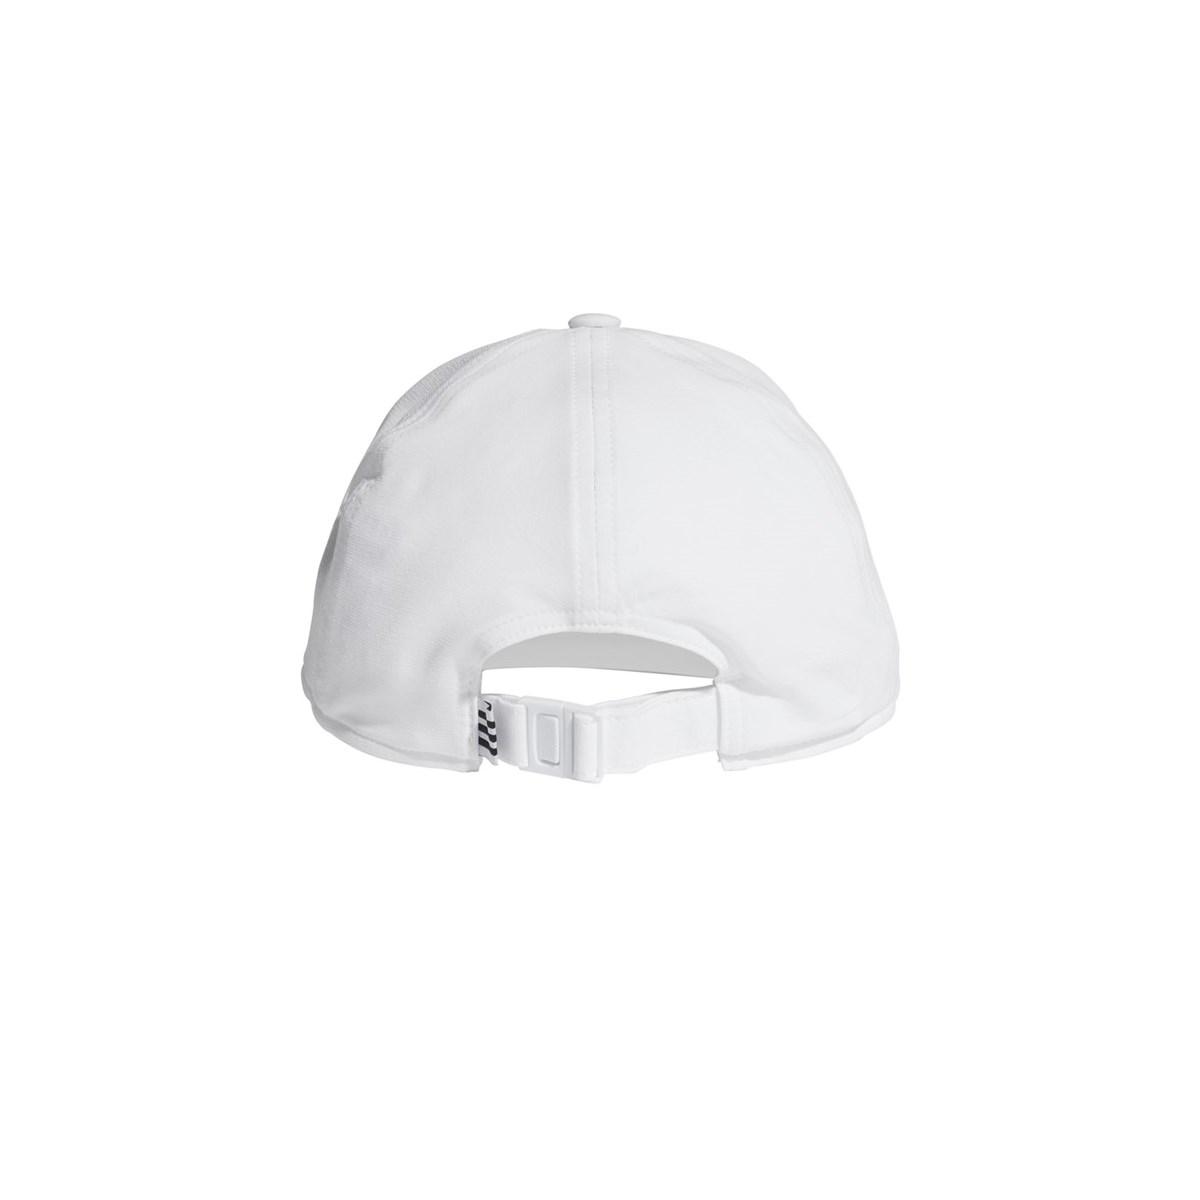 Aeroready 4athlts Beyaz Beyzbol Şapkası